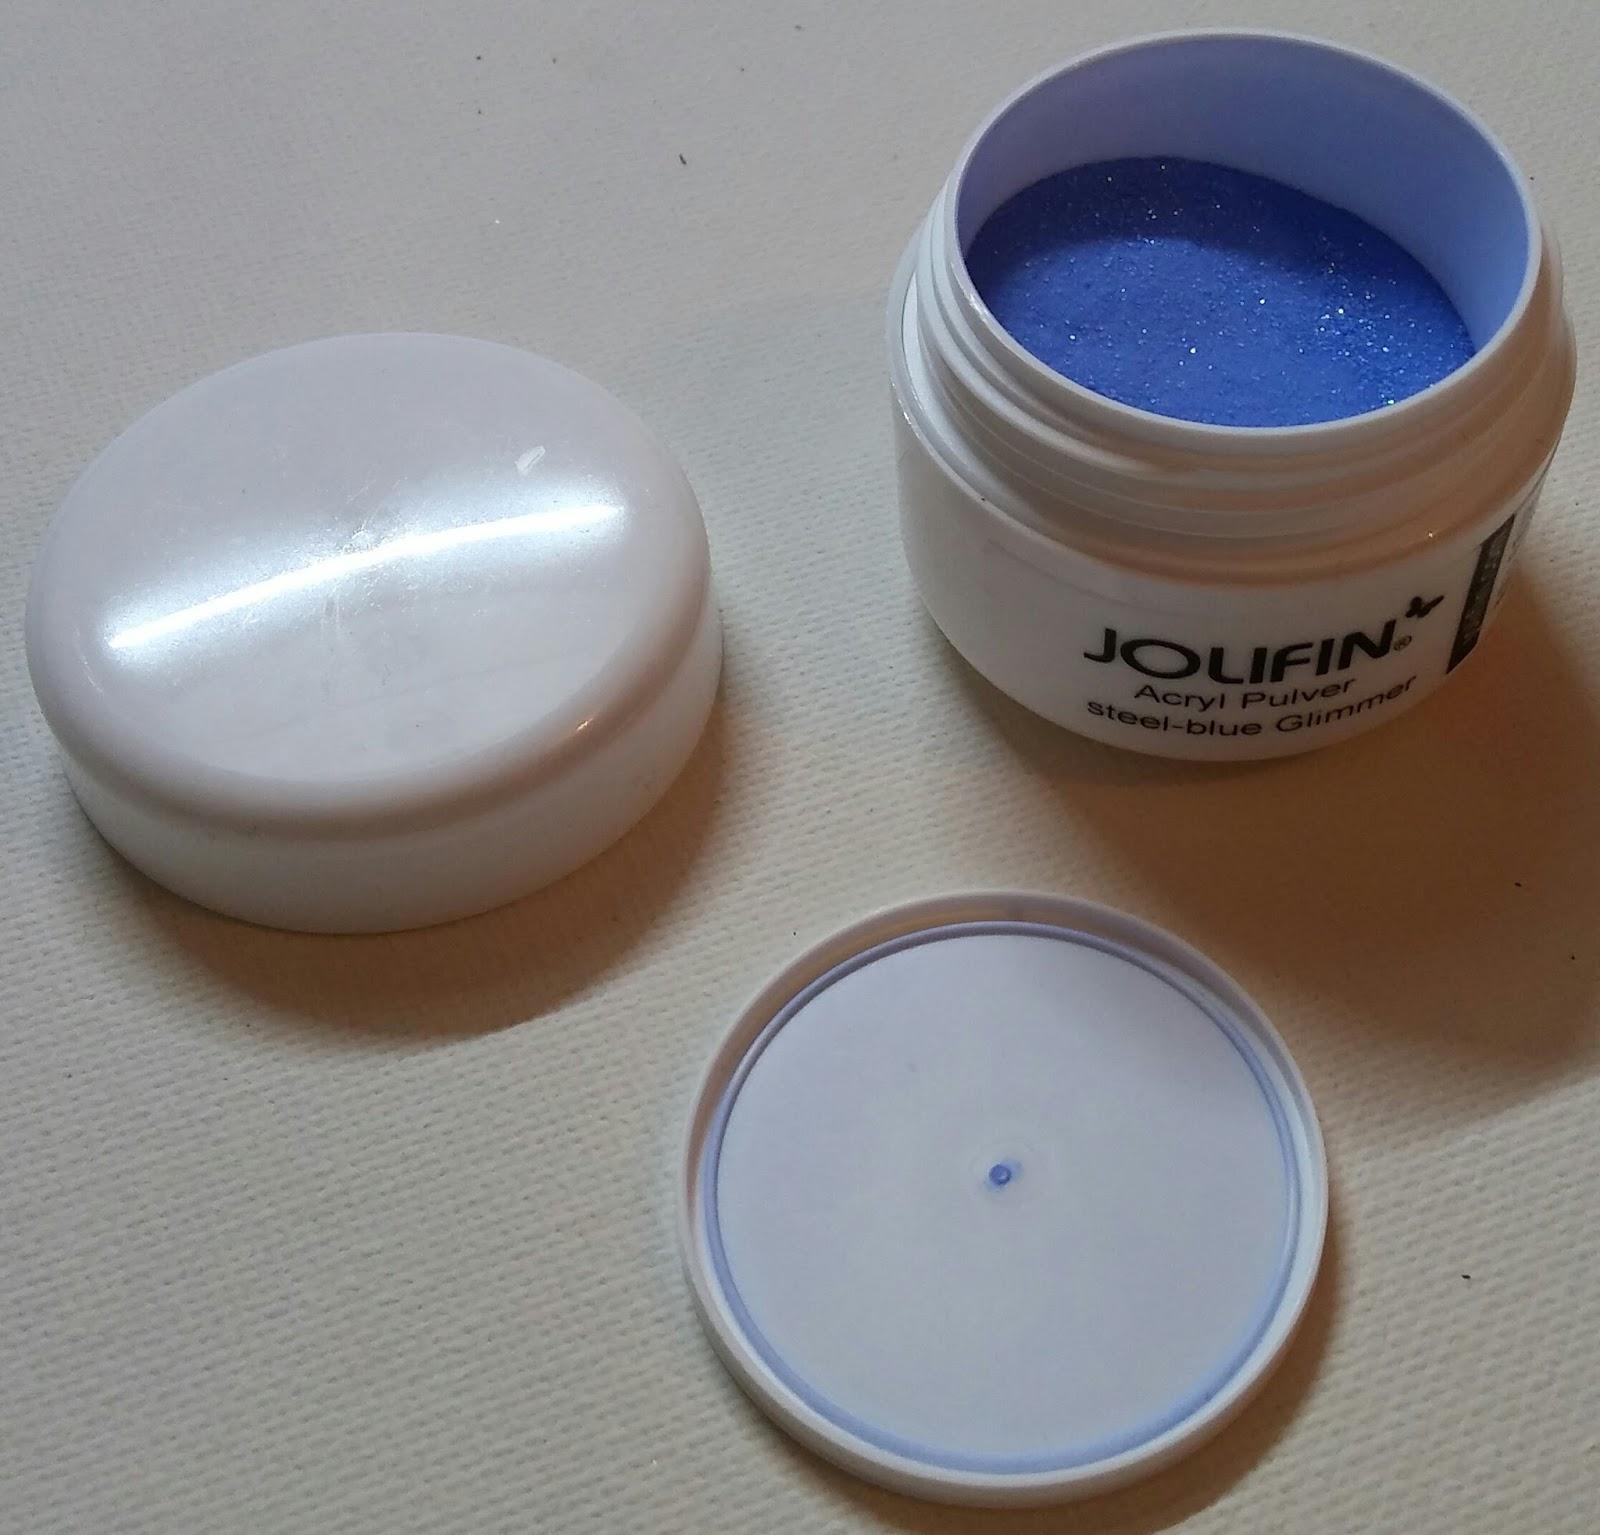 Faszinierend Gelnägel Sommer 2017 Ideen Von Jolifin: Acryl Pulver Steel-blue Glimmer Inhalt: 5